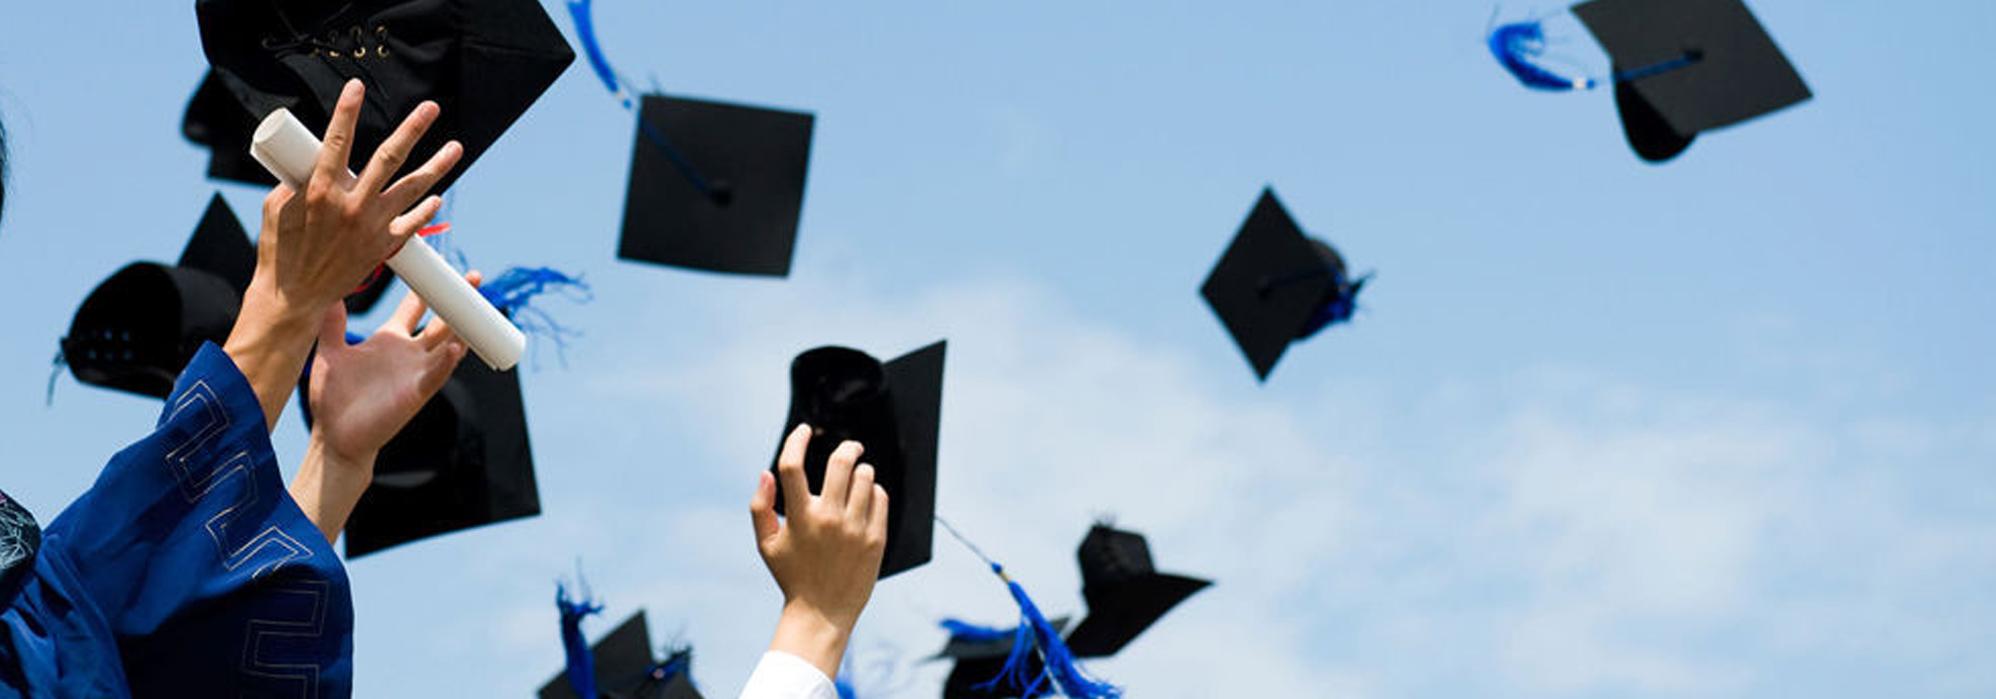 conseguire una laurea all'estero con DLG Academy